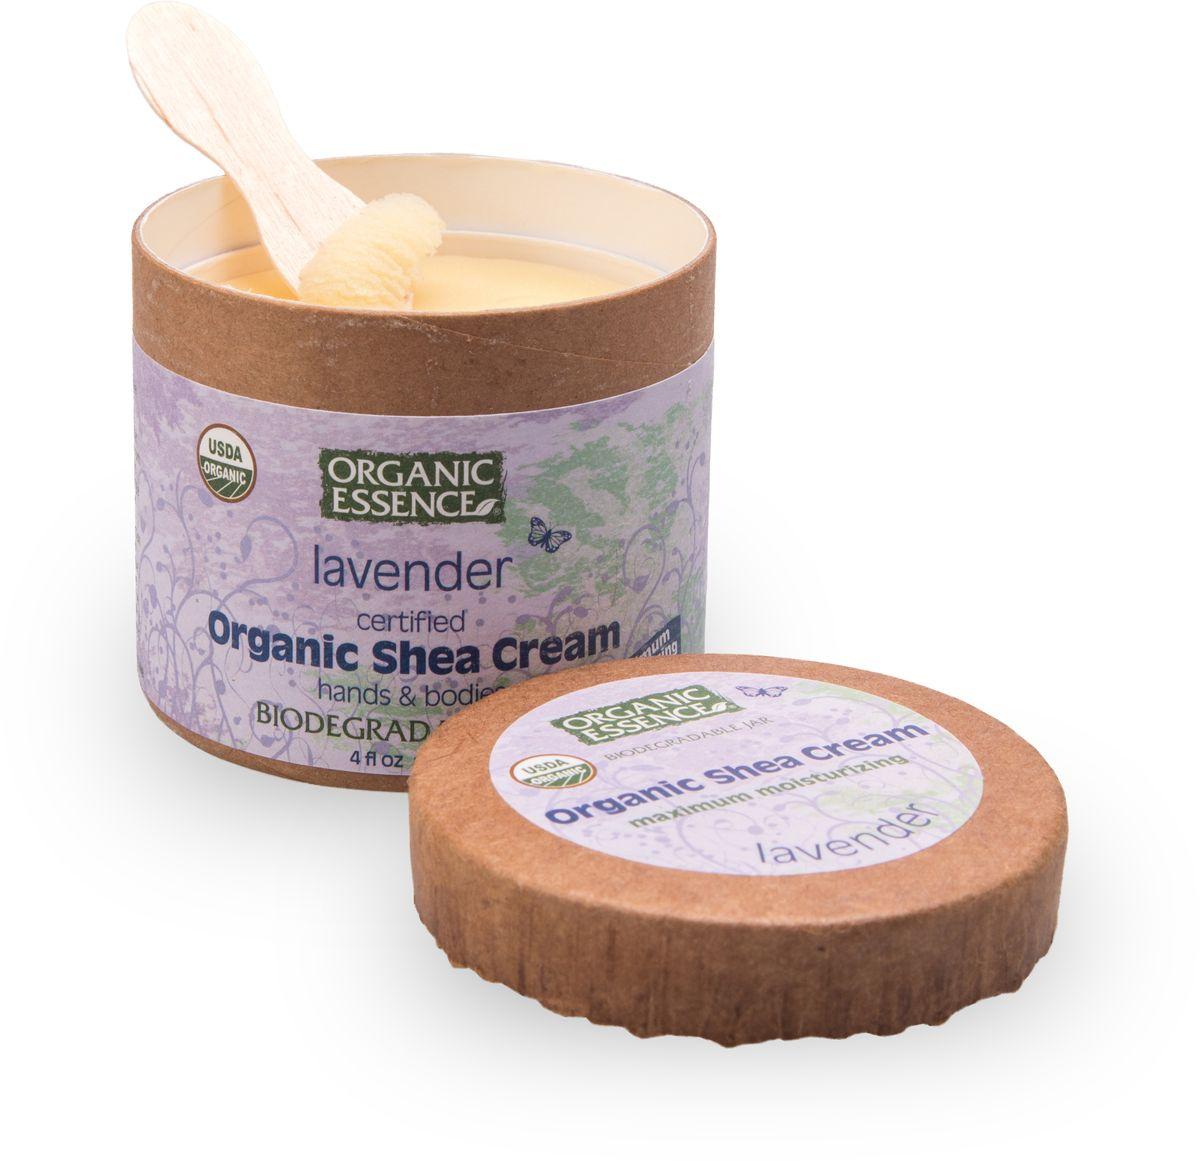 Organic Essence Органический крем Ши (Карите), Лаванда 114 г/118 мл111129USDA Organic сертифицированный продукт. Интенсивное увлажнение. Подходит для ежедневного применения. В состав Органического крема Ши входит органическая лаванда, которая славится своими свойствами релаксации. Лаванда восстанавливает баланс кожи, что делает его идеальным для любого типа кожи. После нанесения средств, содержащих масло лаванды, мгновенно снимаются покраснения, отеки, шелушение, раздраженности, воспаления, приглушается зуд.Органический крем Ши лавандаидеально подходит для специального ухода за поврежденной или сверхчувствительной кожей, проявляет удивительные тонизирующие свойства для усталой и дряблой кожи. Снимая не только воспалительную сыпь, но и препятствуя росту бактерий, лавандовое масло при одновременном воздействии на уровень жировых выделений и нормализации обмена веществ идеально подходит для обработки прыщей.Лавандовое масло не является аллергенным. Лаванда помогает при расстройствах, вызванных стрессом, и бессоннице.